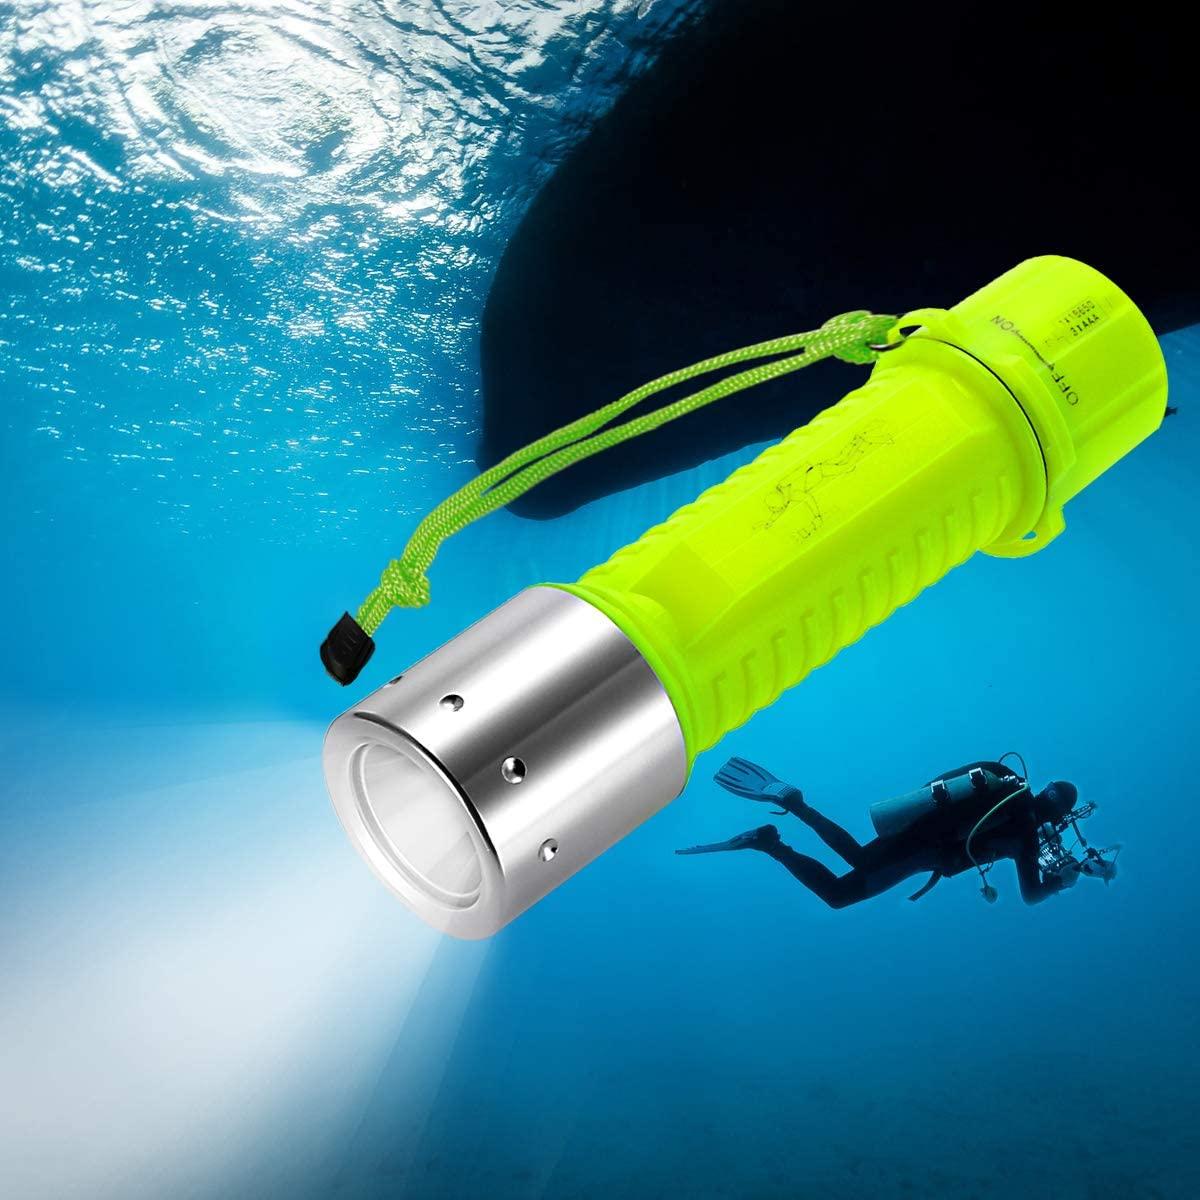 Linterna sumergible en el agua